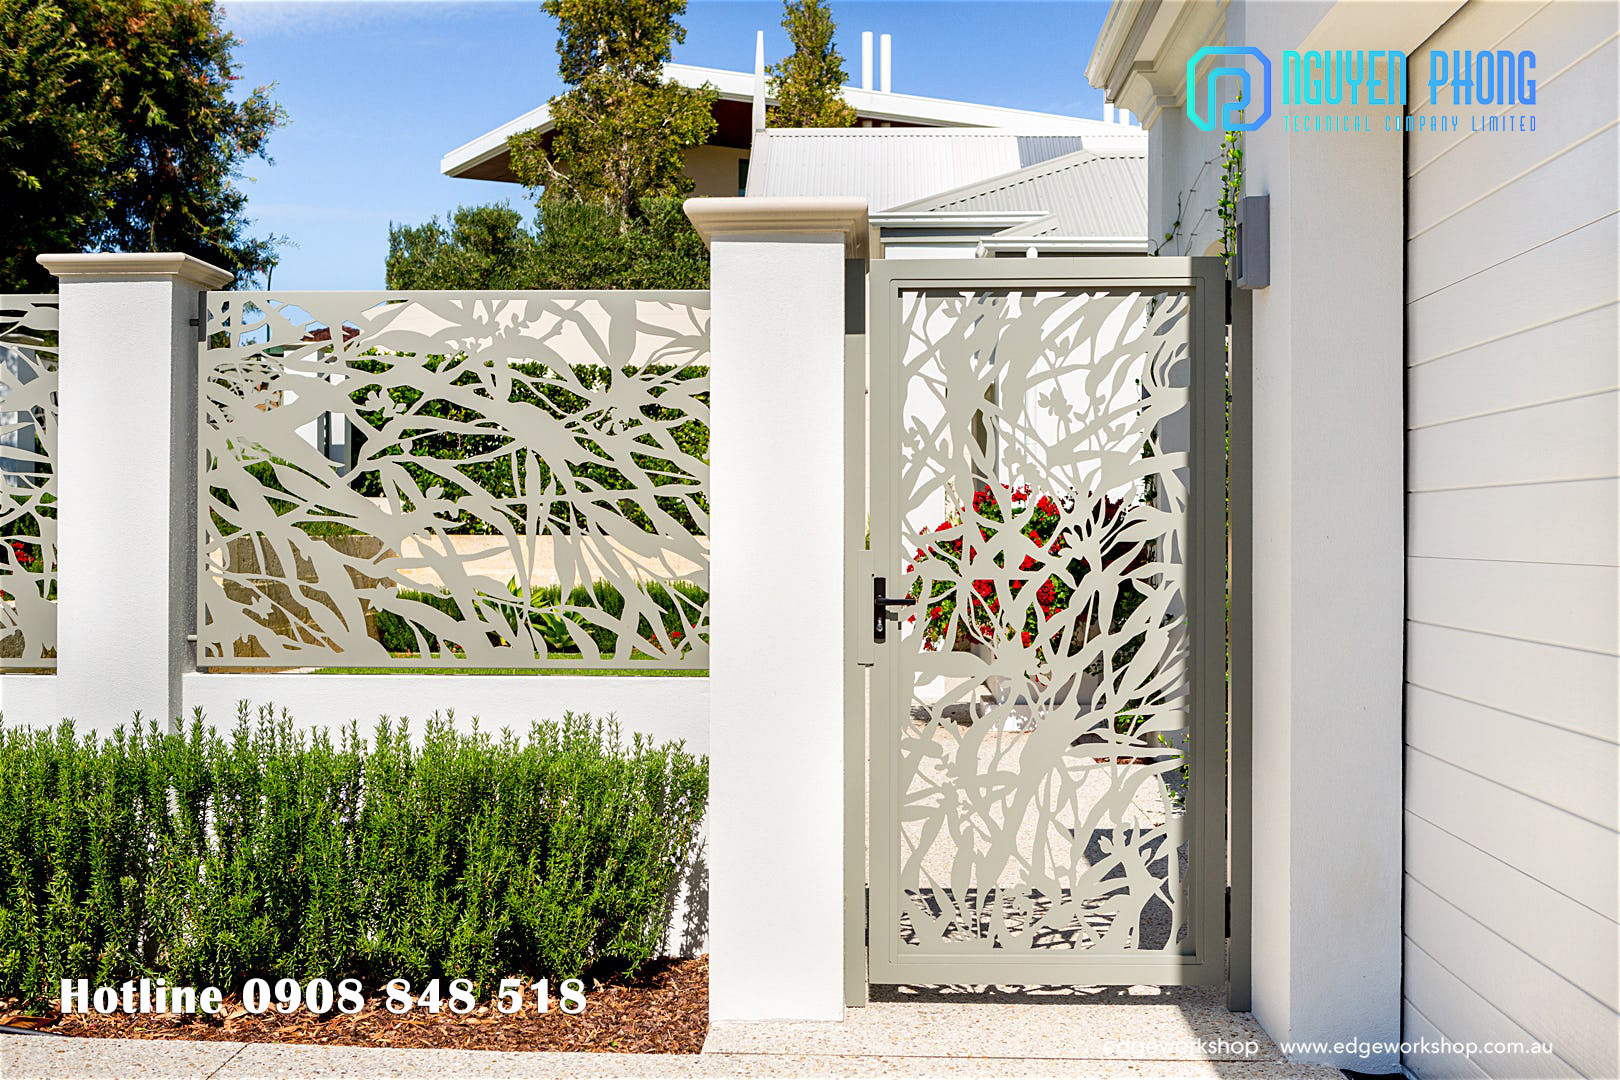 Hàng rào sắt hoa văn tinh tế cắt CNC, hàng rào sắt uốn cổ điển cho nhà đẹp 2020